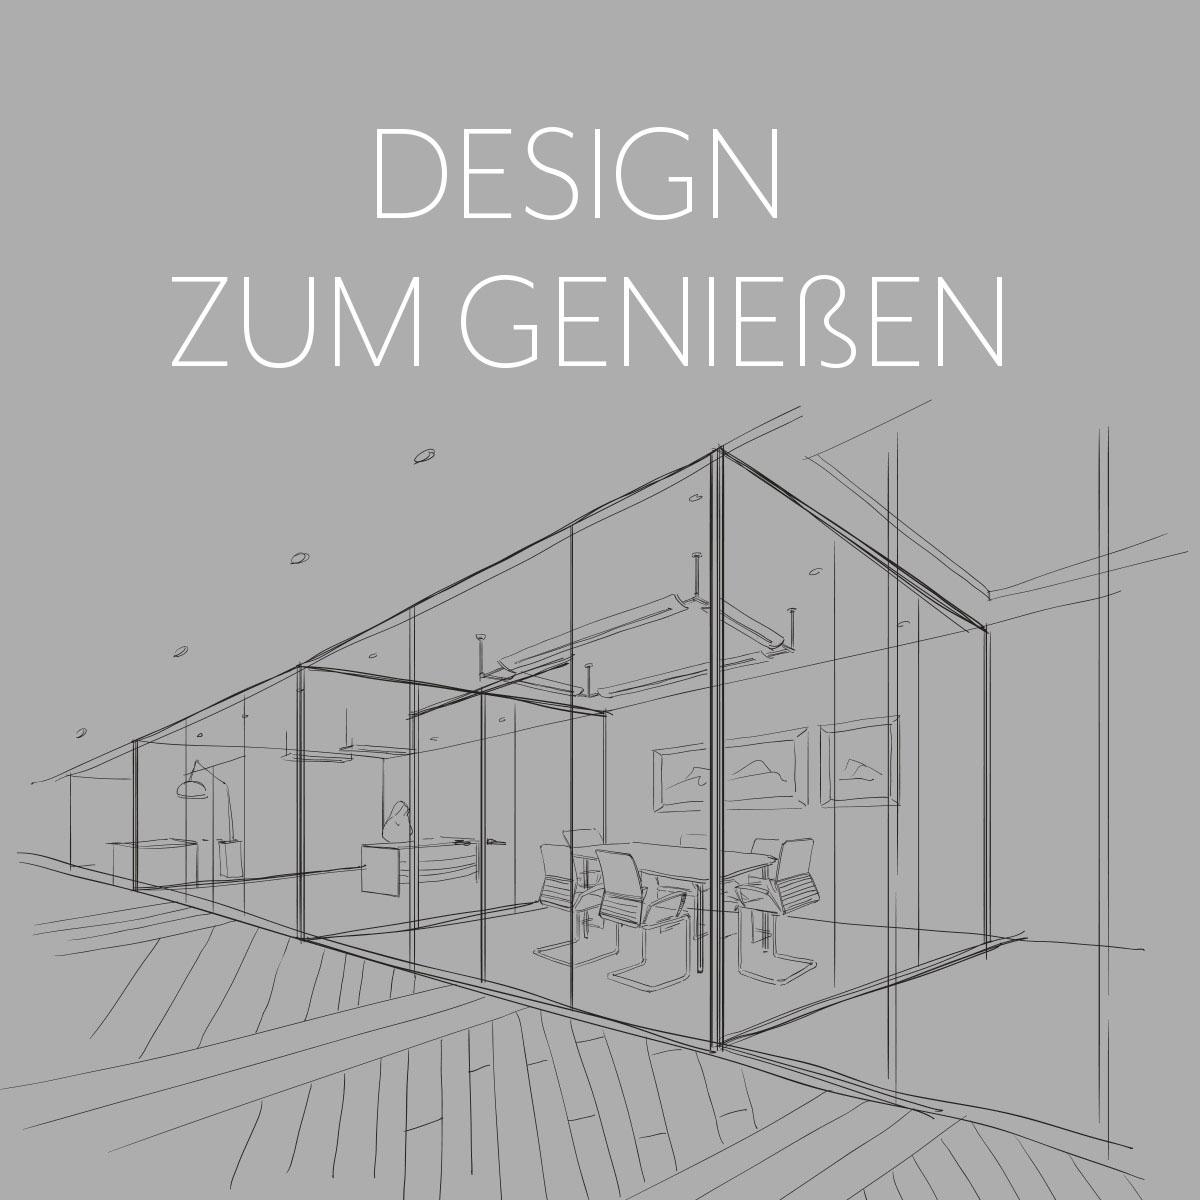 https://vermietung.gs28.de/wp-content/uploads/2018/06/design-grundriss_01.jpg